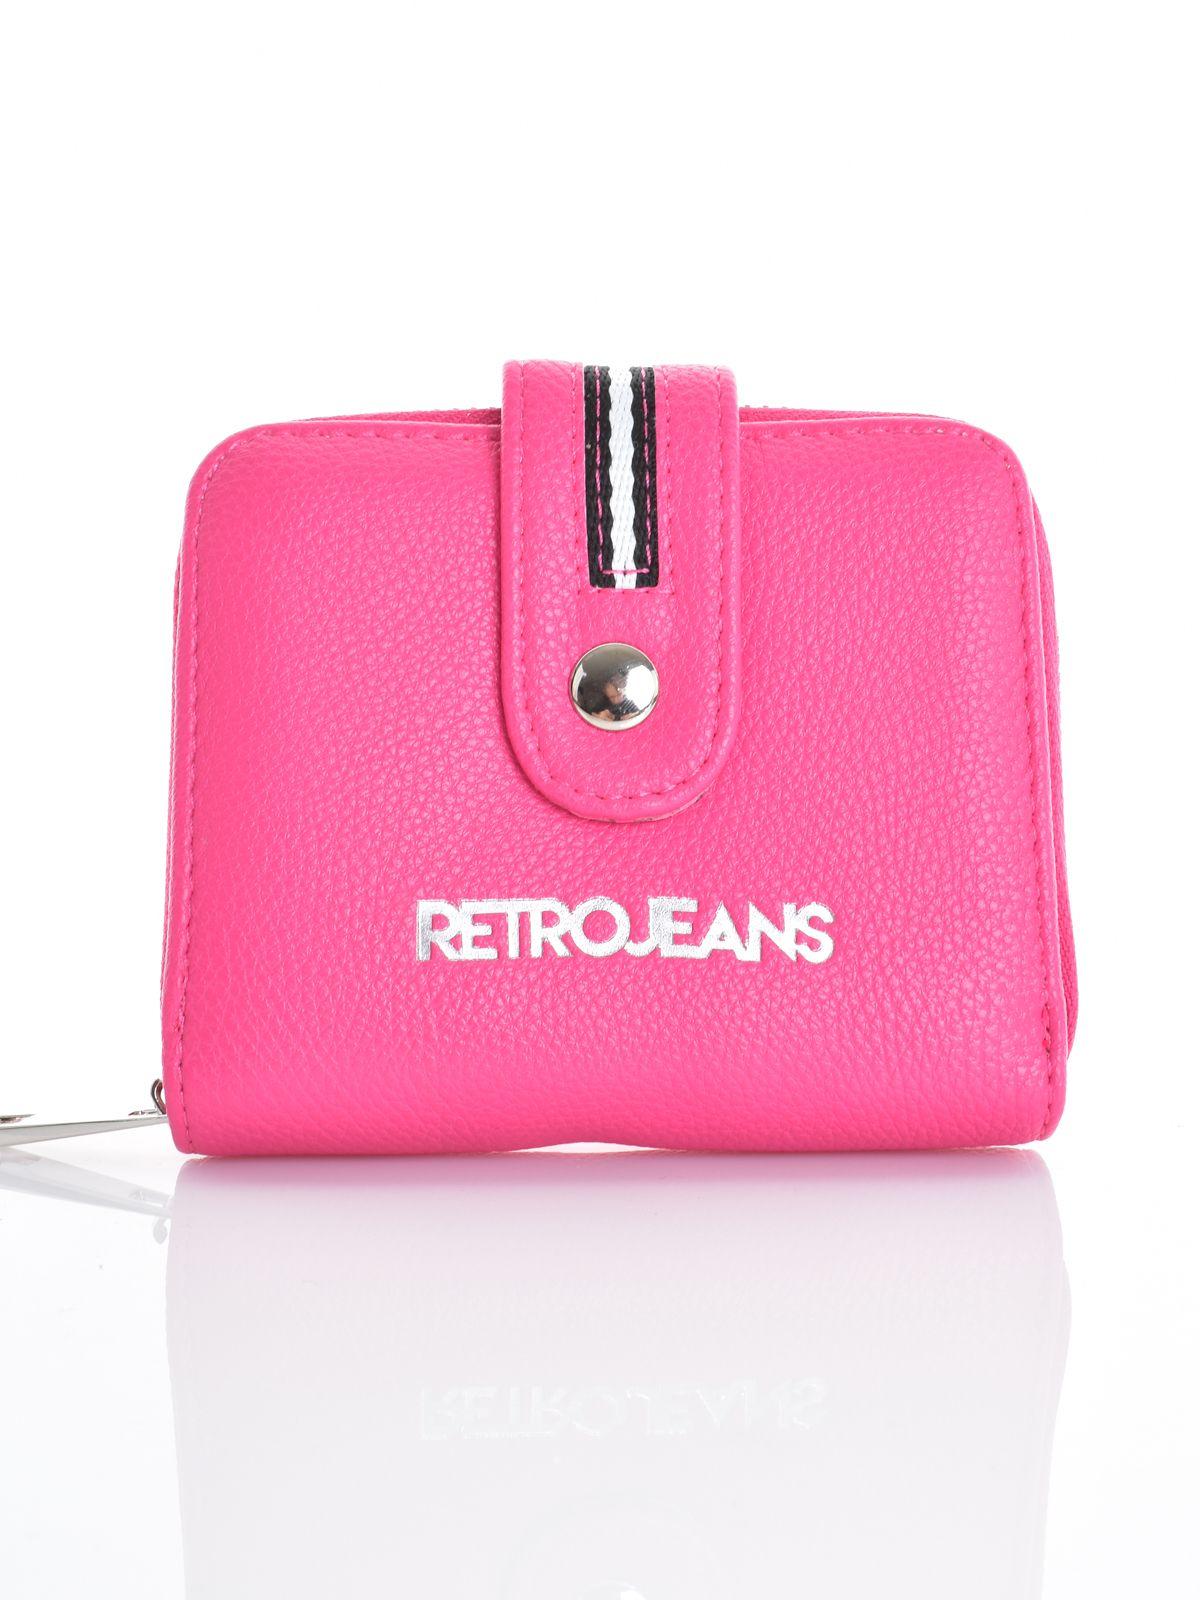 Retro Jeans női pénztárca TIARA | Markasbolt.hu Hivatalos